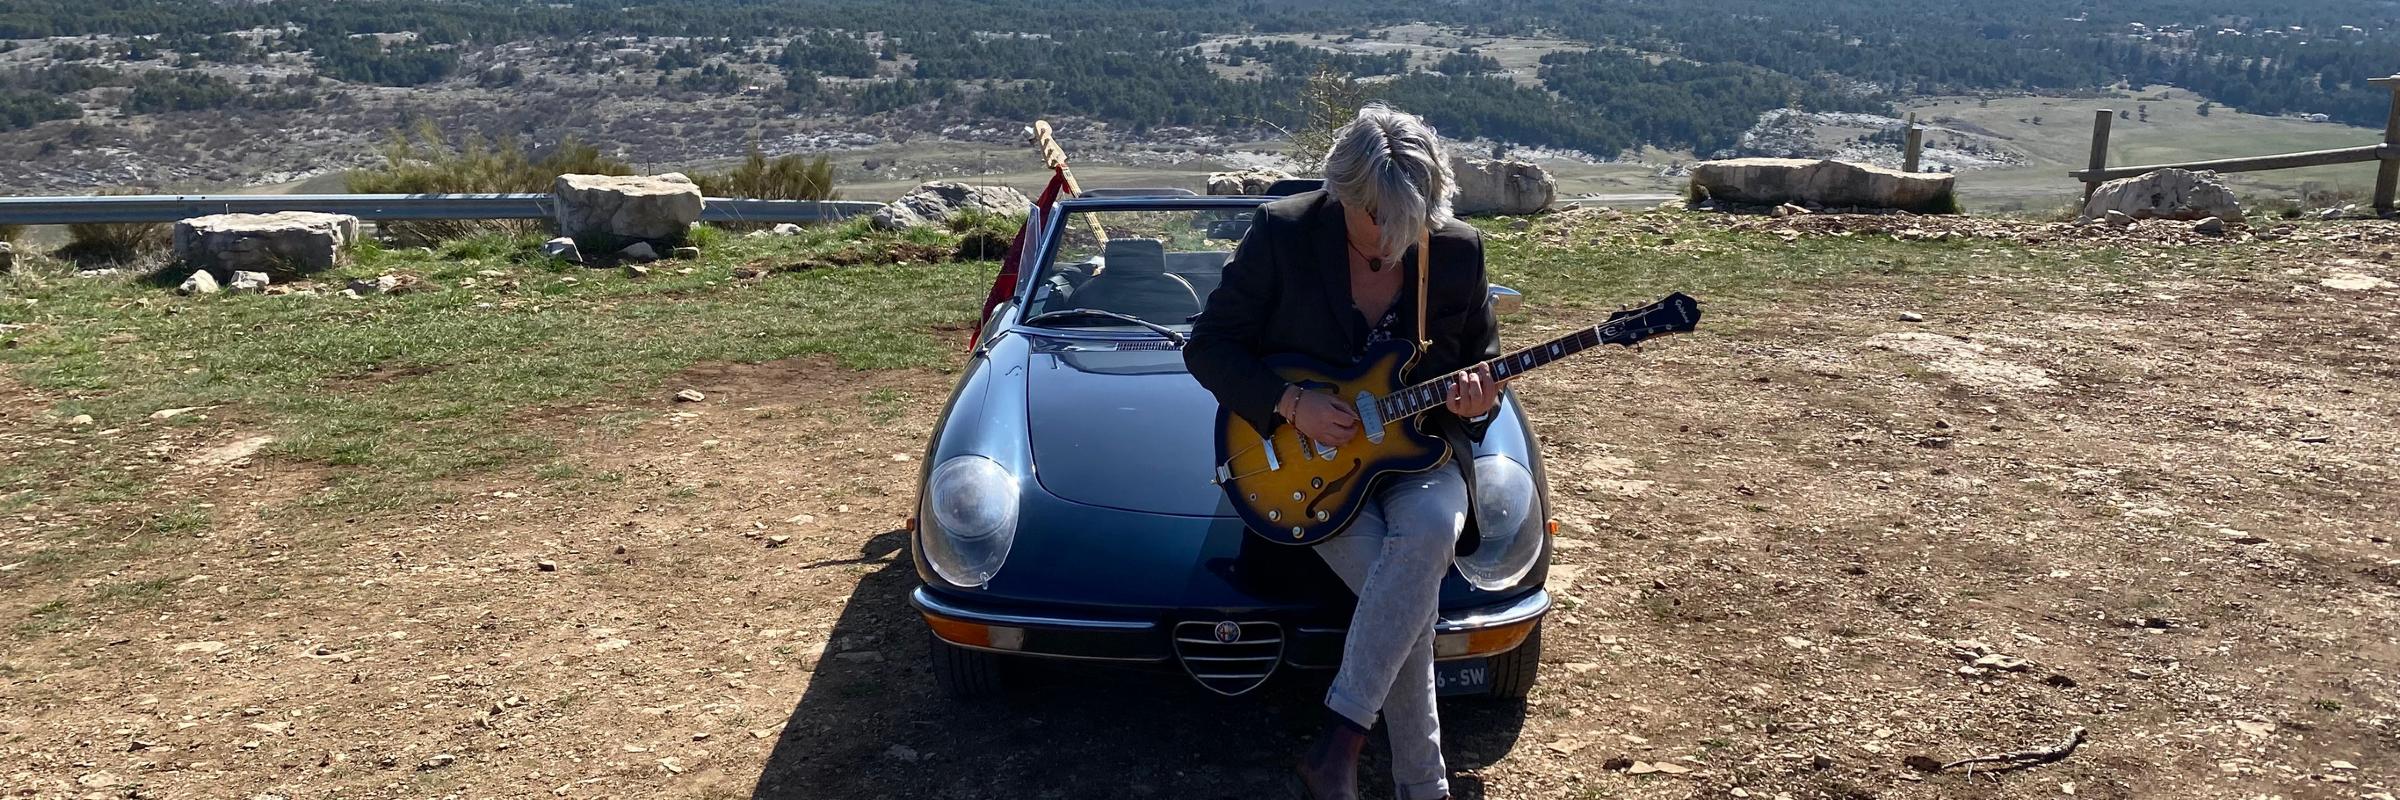 True Bypass, musicien Chanteur en représentation à Alpes Maritimes - photo de couverture n° 5